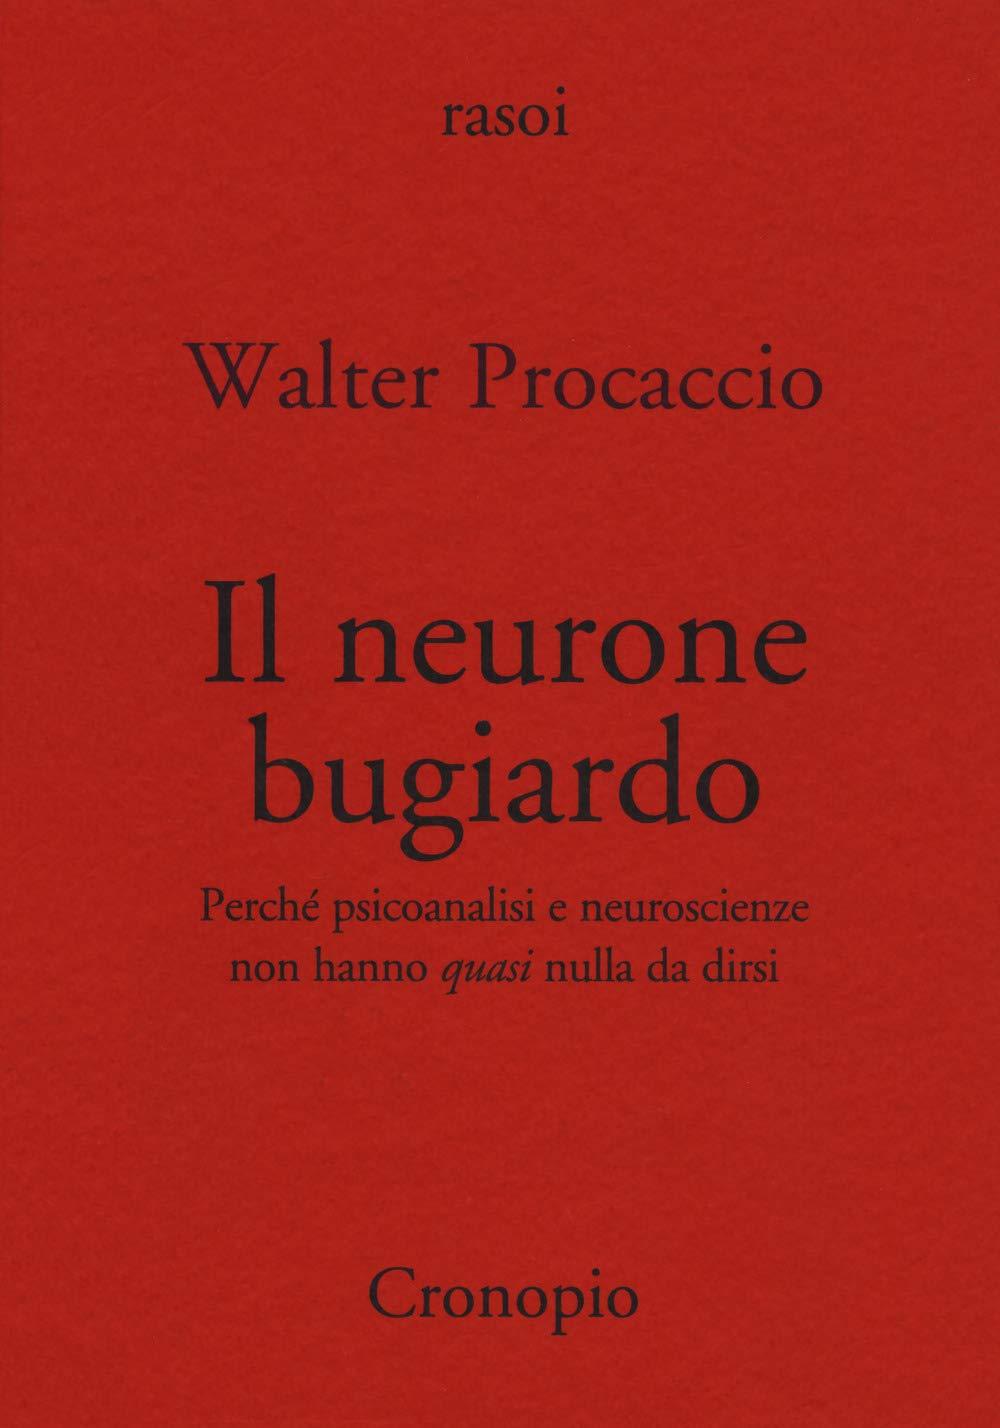 Walter Procaccio